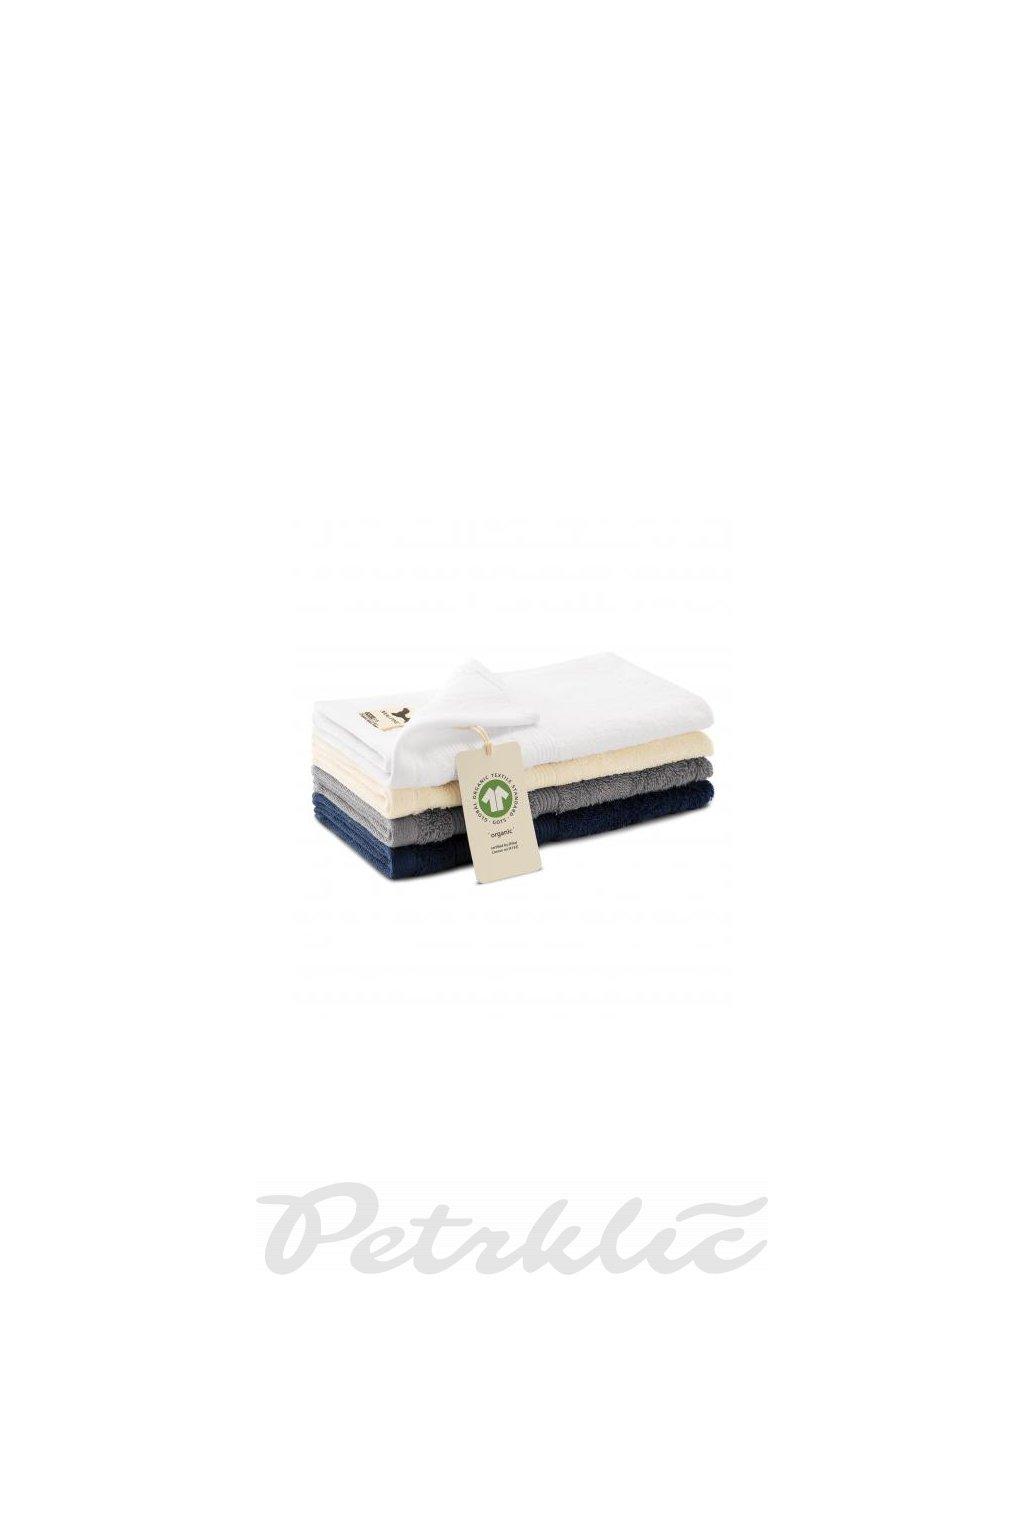 Malý froté ručník ze 100% organické bavlny Organic 916 450 g/m²